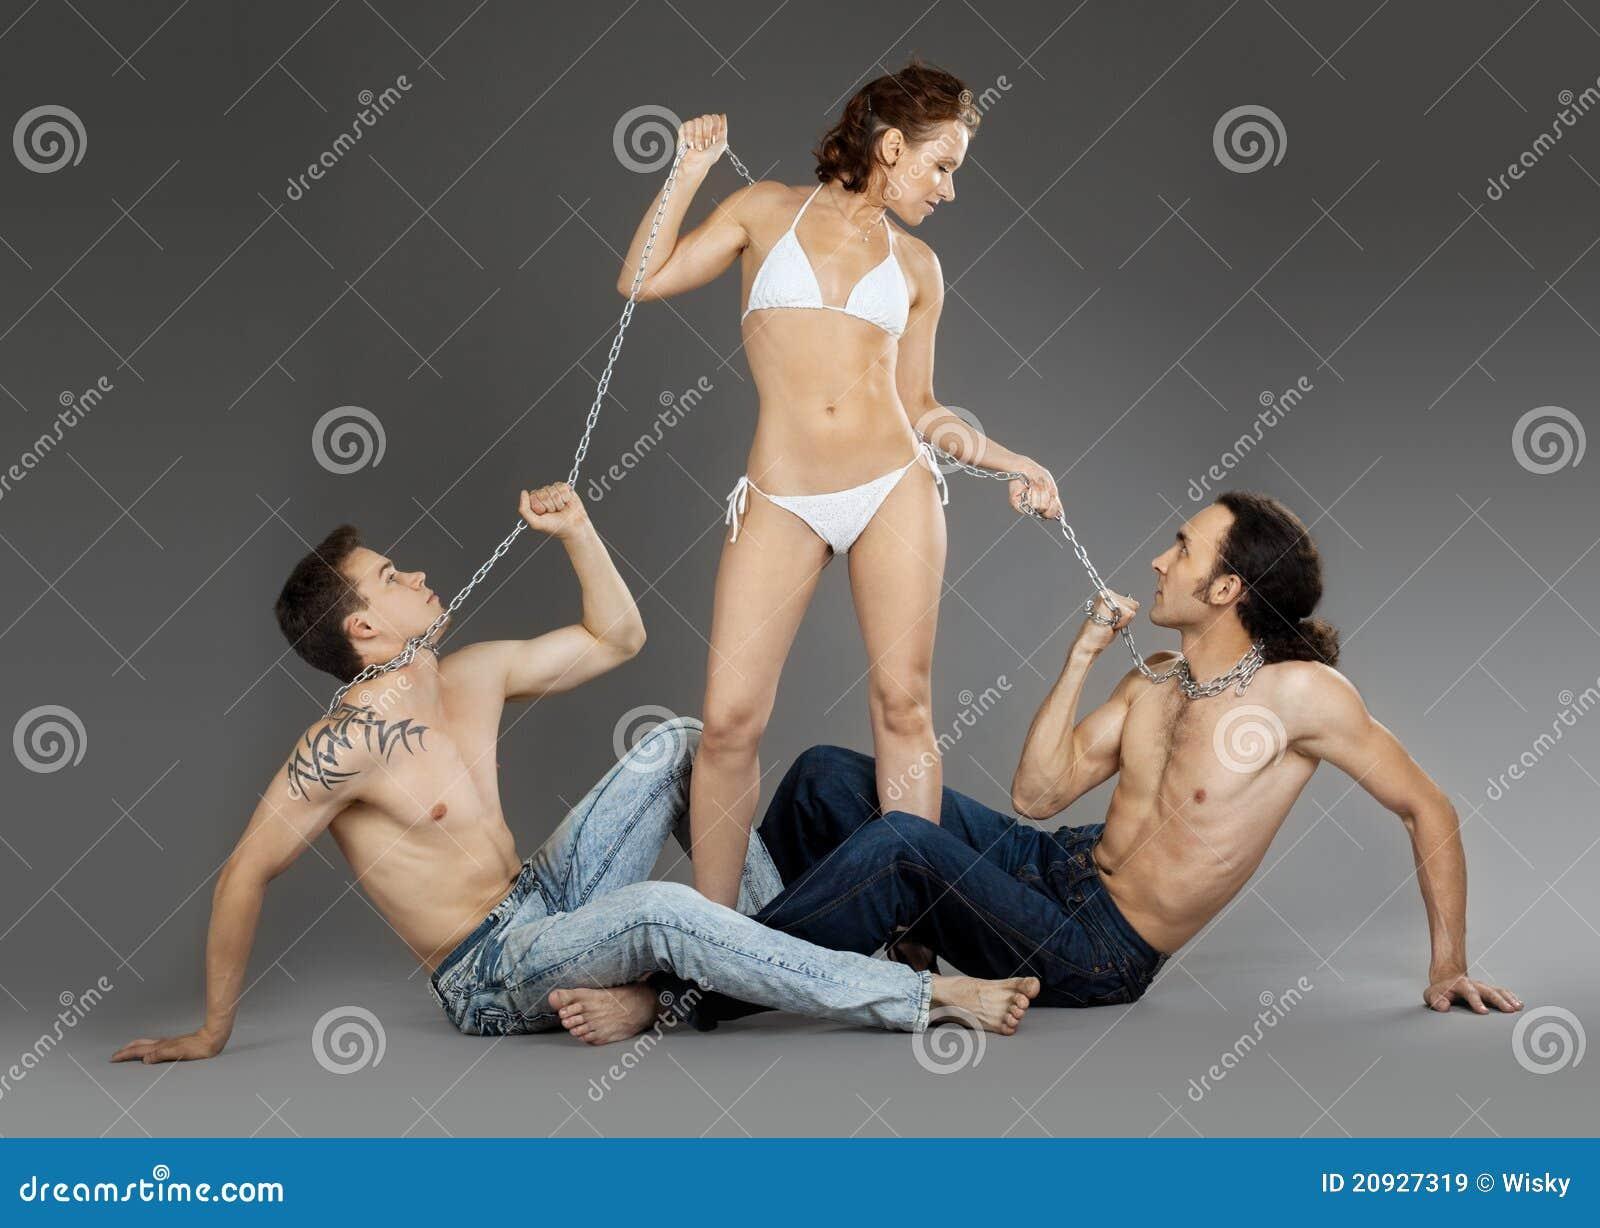 Donne erotiche video massaggiatrici escort